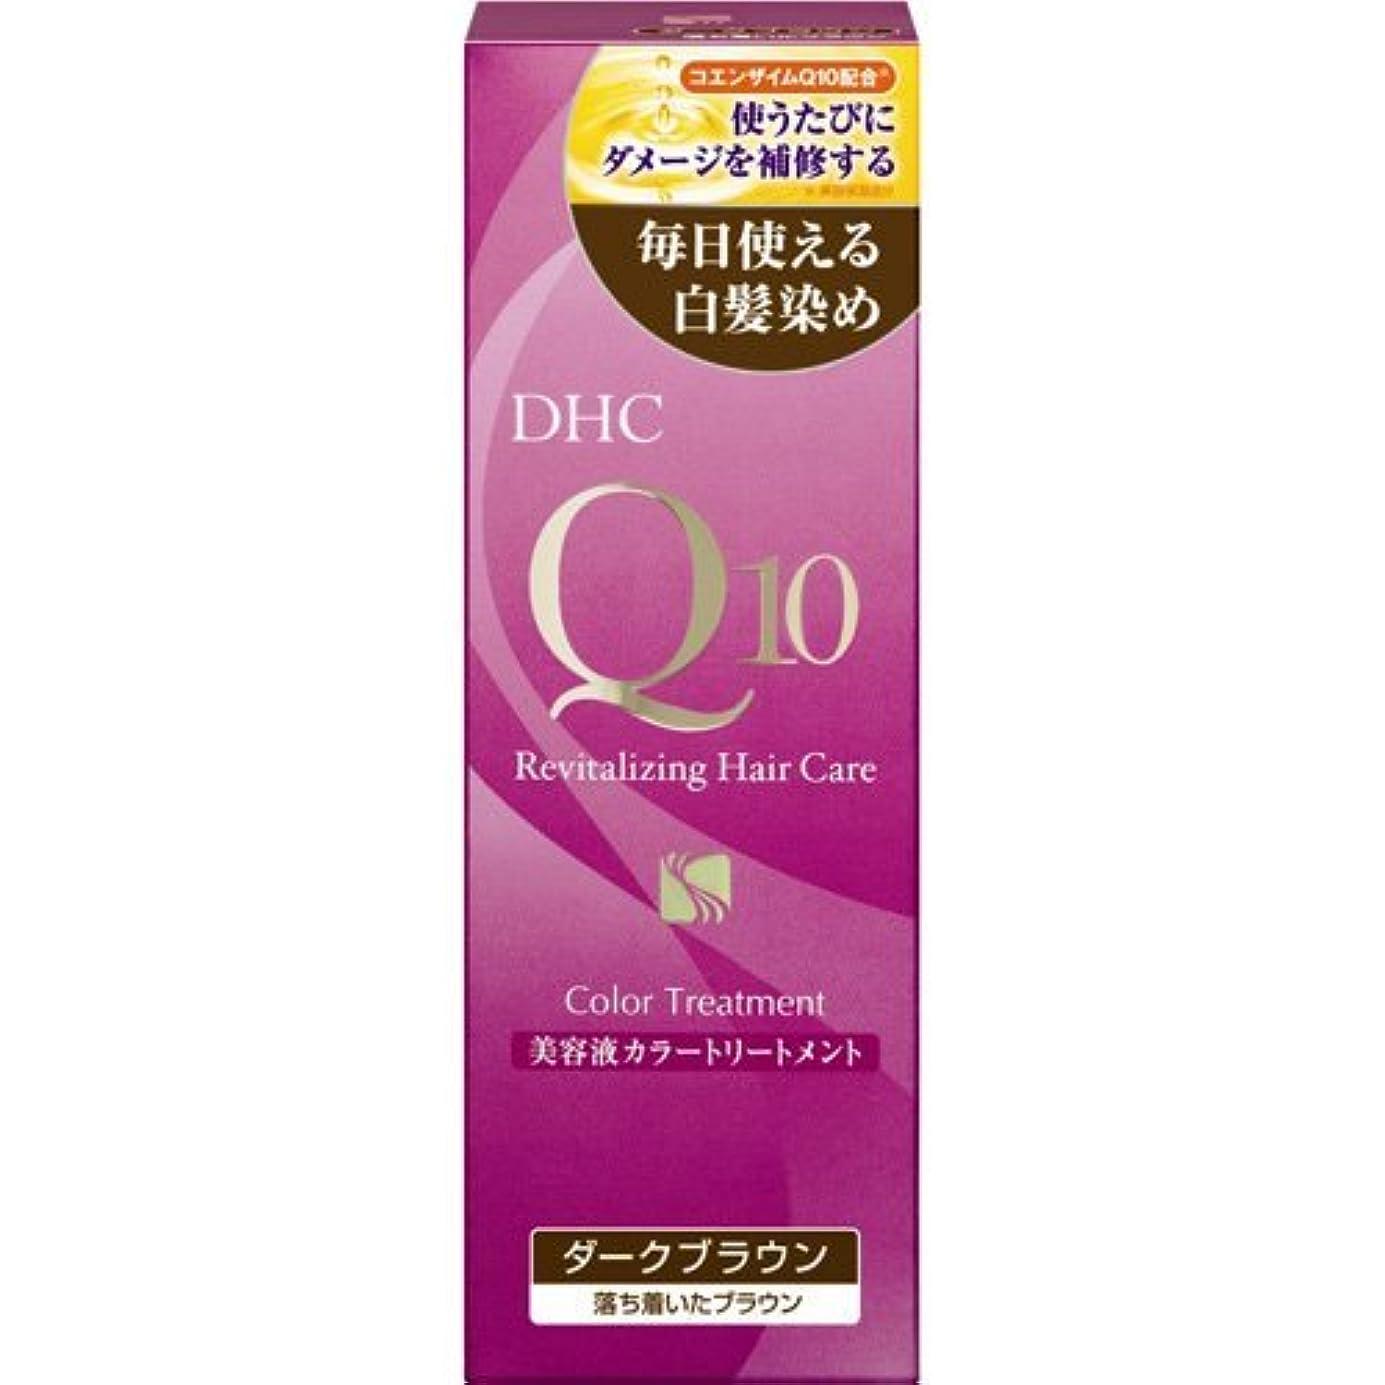 嘆く不承認ゴール【まとめ買い】DHC Q10美溶液カラートリートメントDブラウンSS170g ×5個